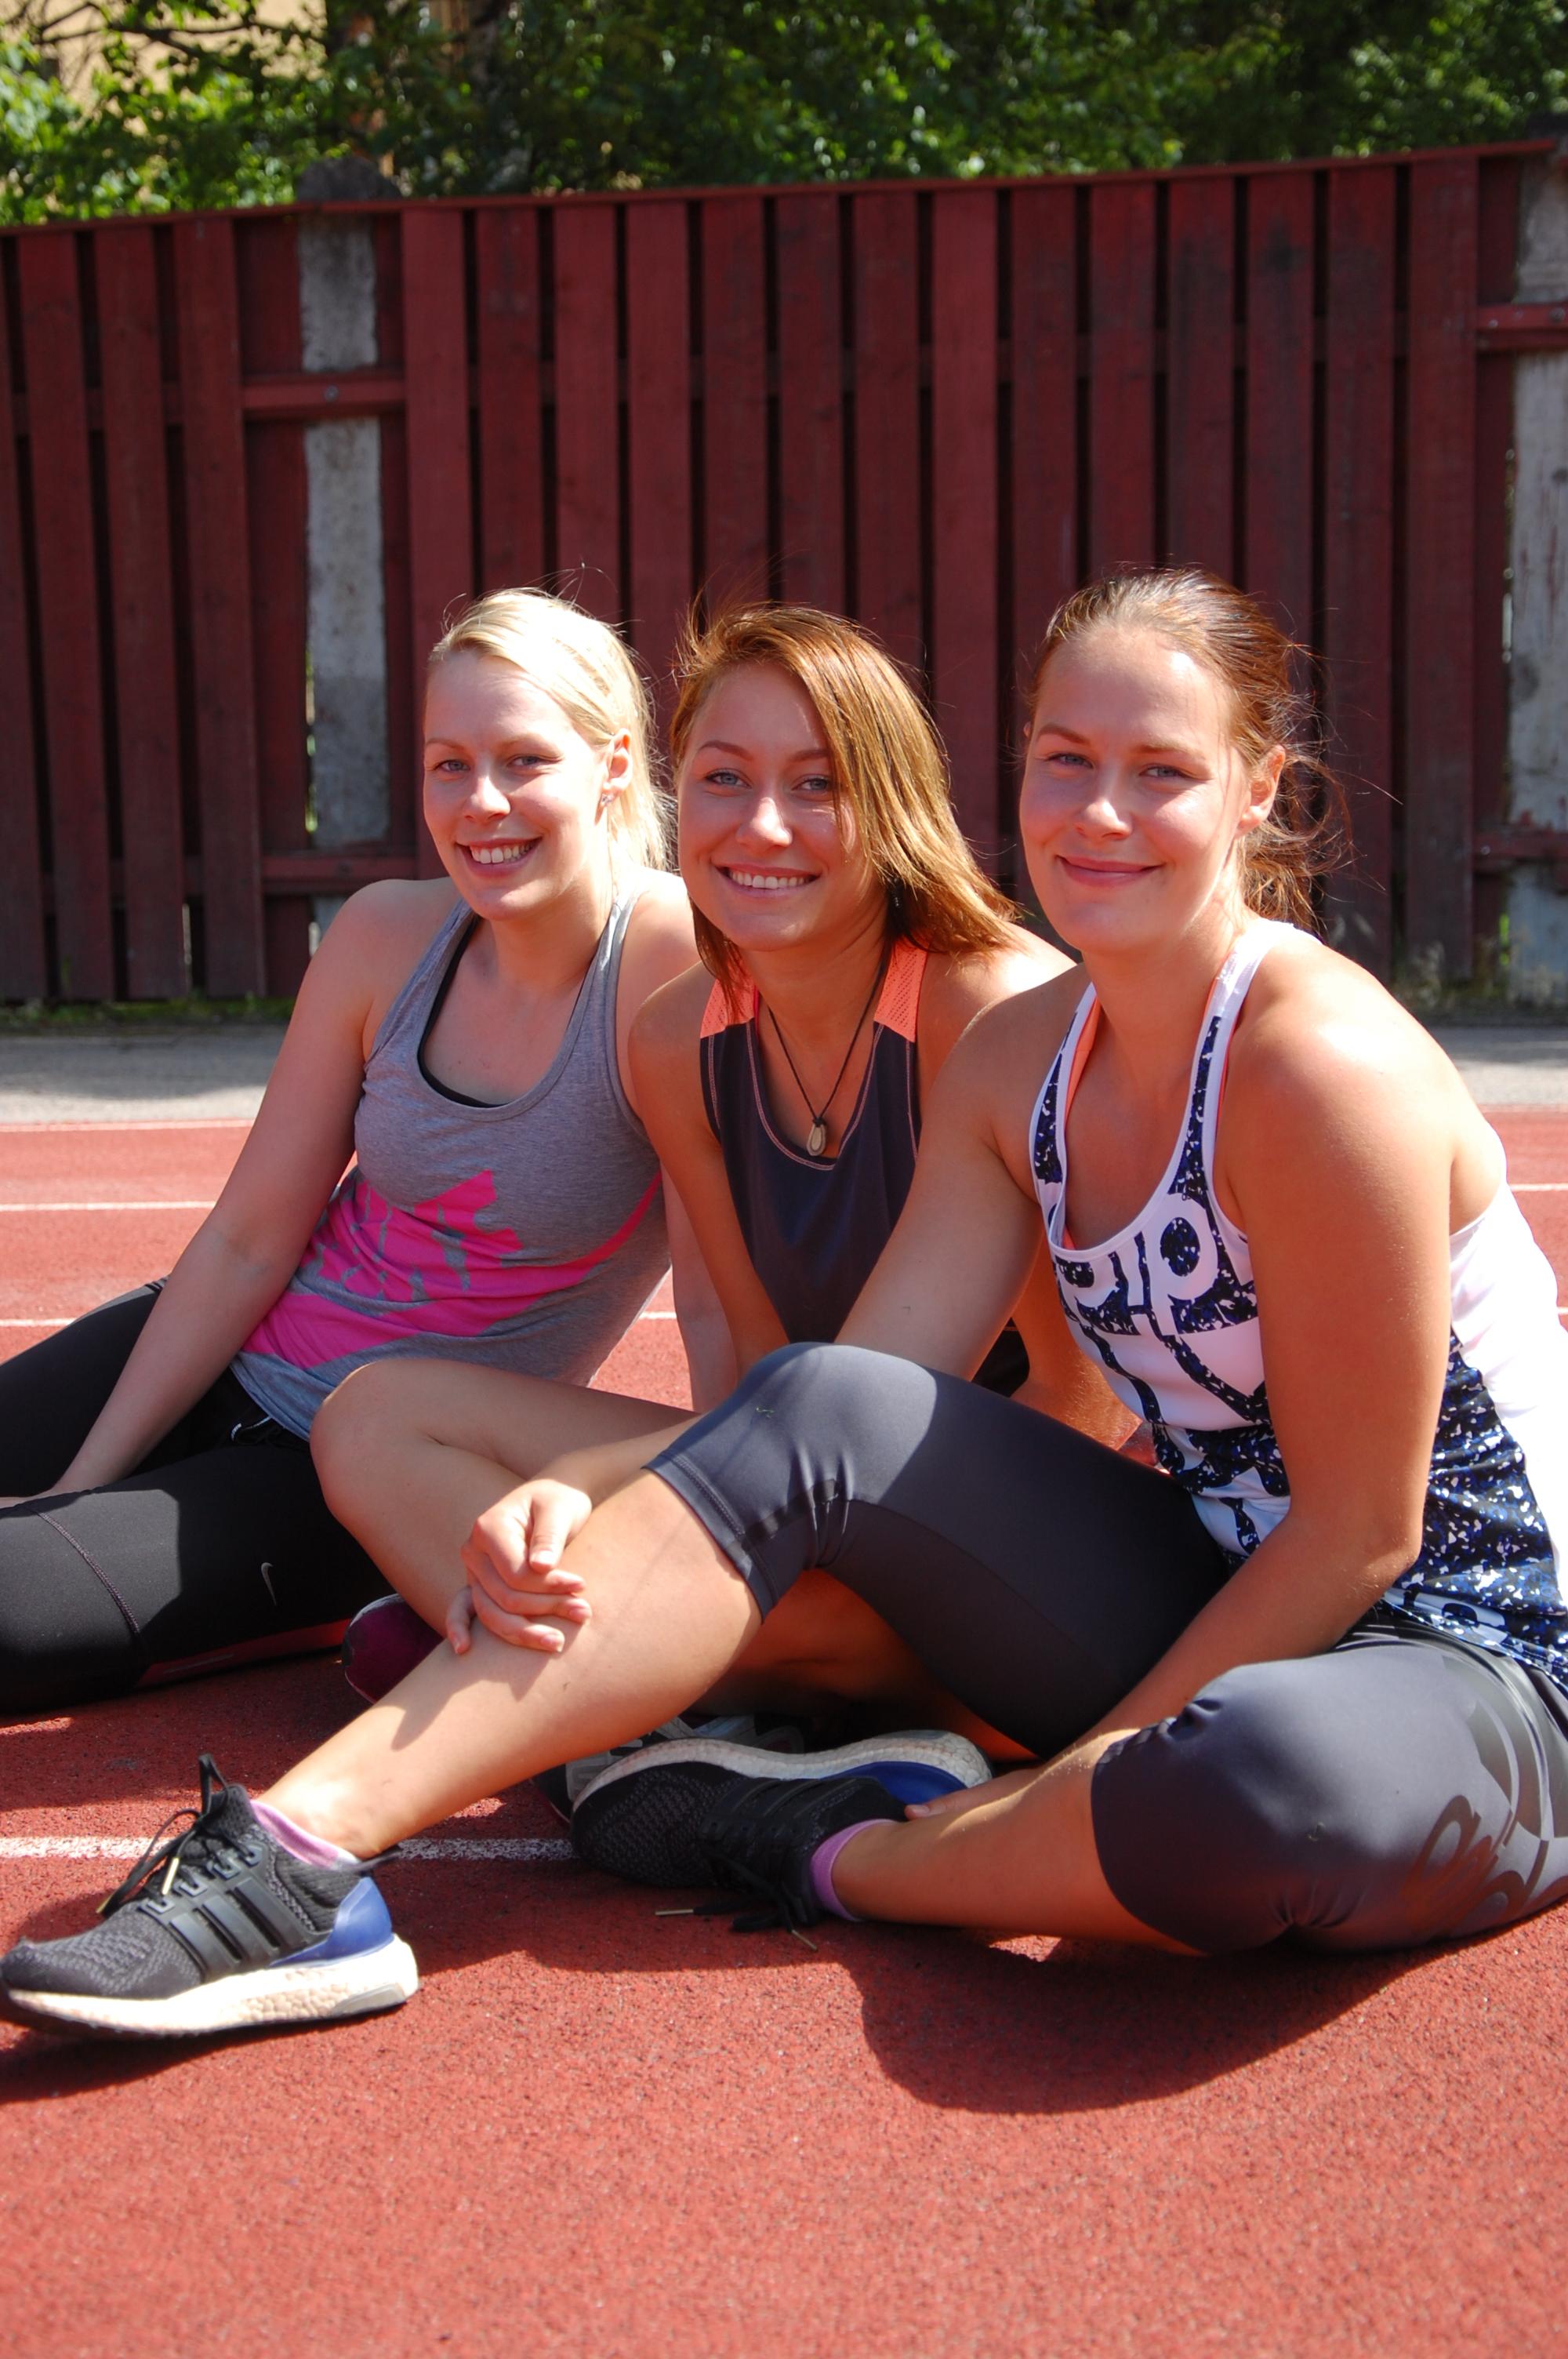 Nelli ja Noora Toivo sekä Emma Millard treenaavat vailla paineita - Akaan Seutu